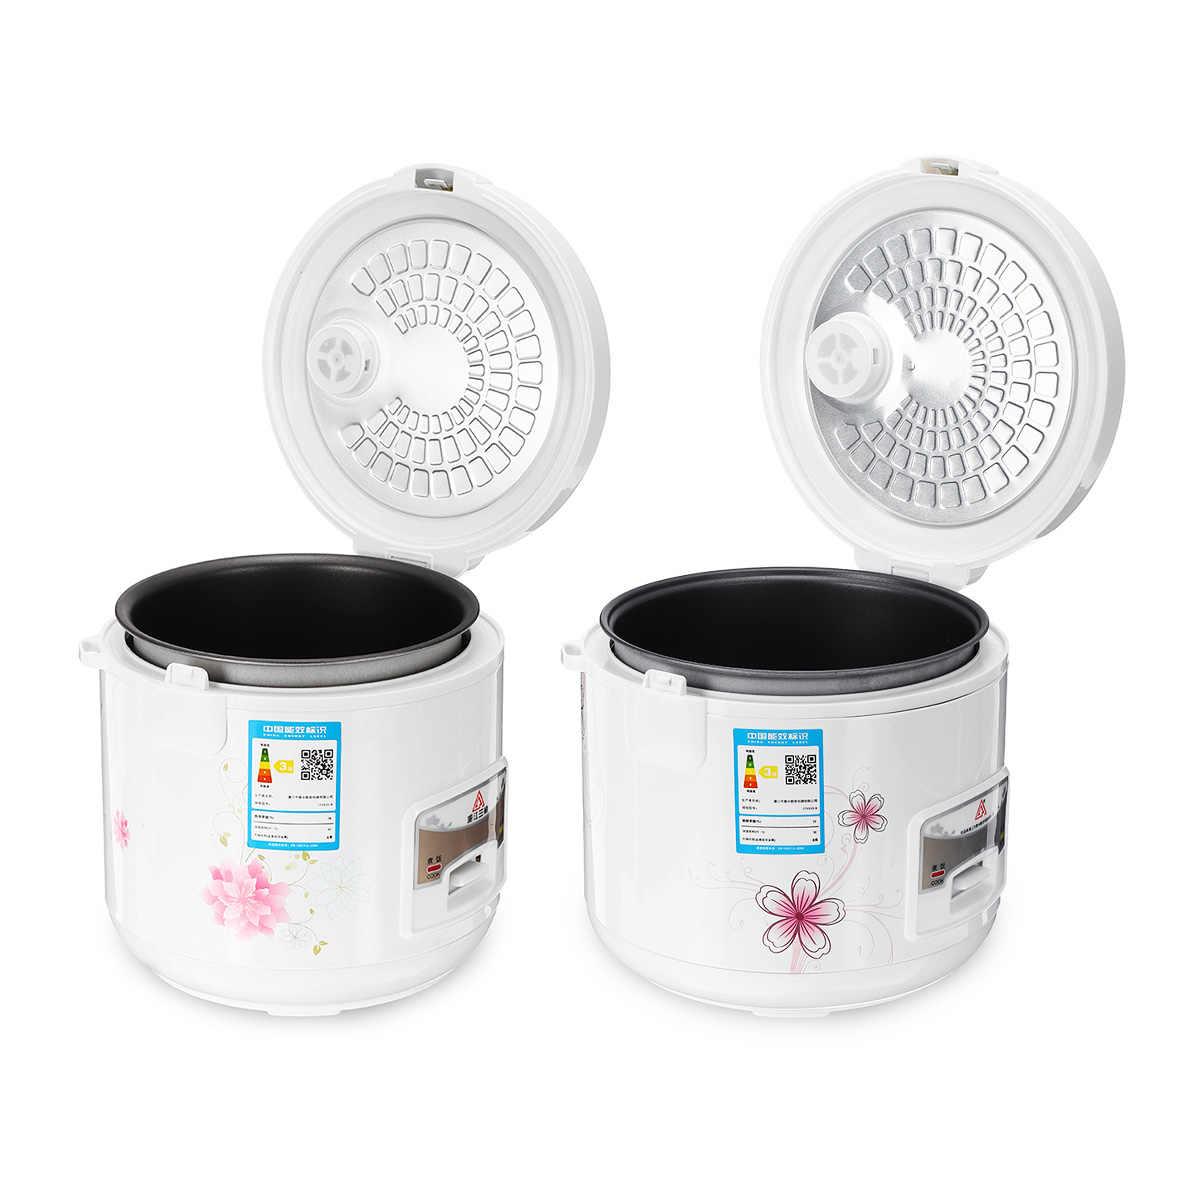 Warmtoo Listrik Non-Stick Dalam Rice Cooker 2L 3L Rumah Tangga Steamer Panci Alat Dapur Mudah Dibersihkan Tahan Lama